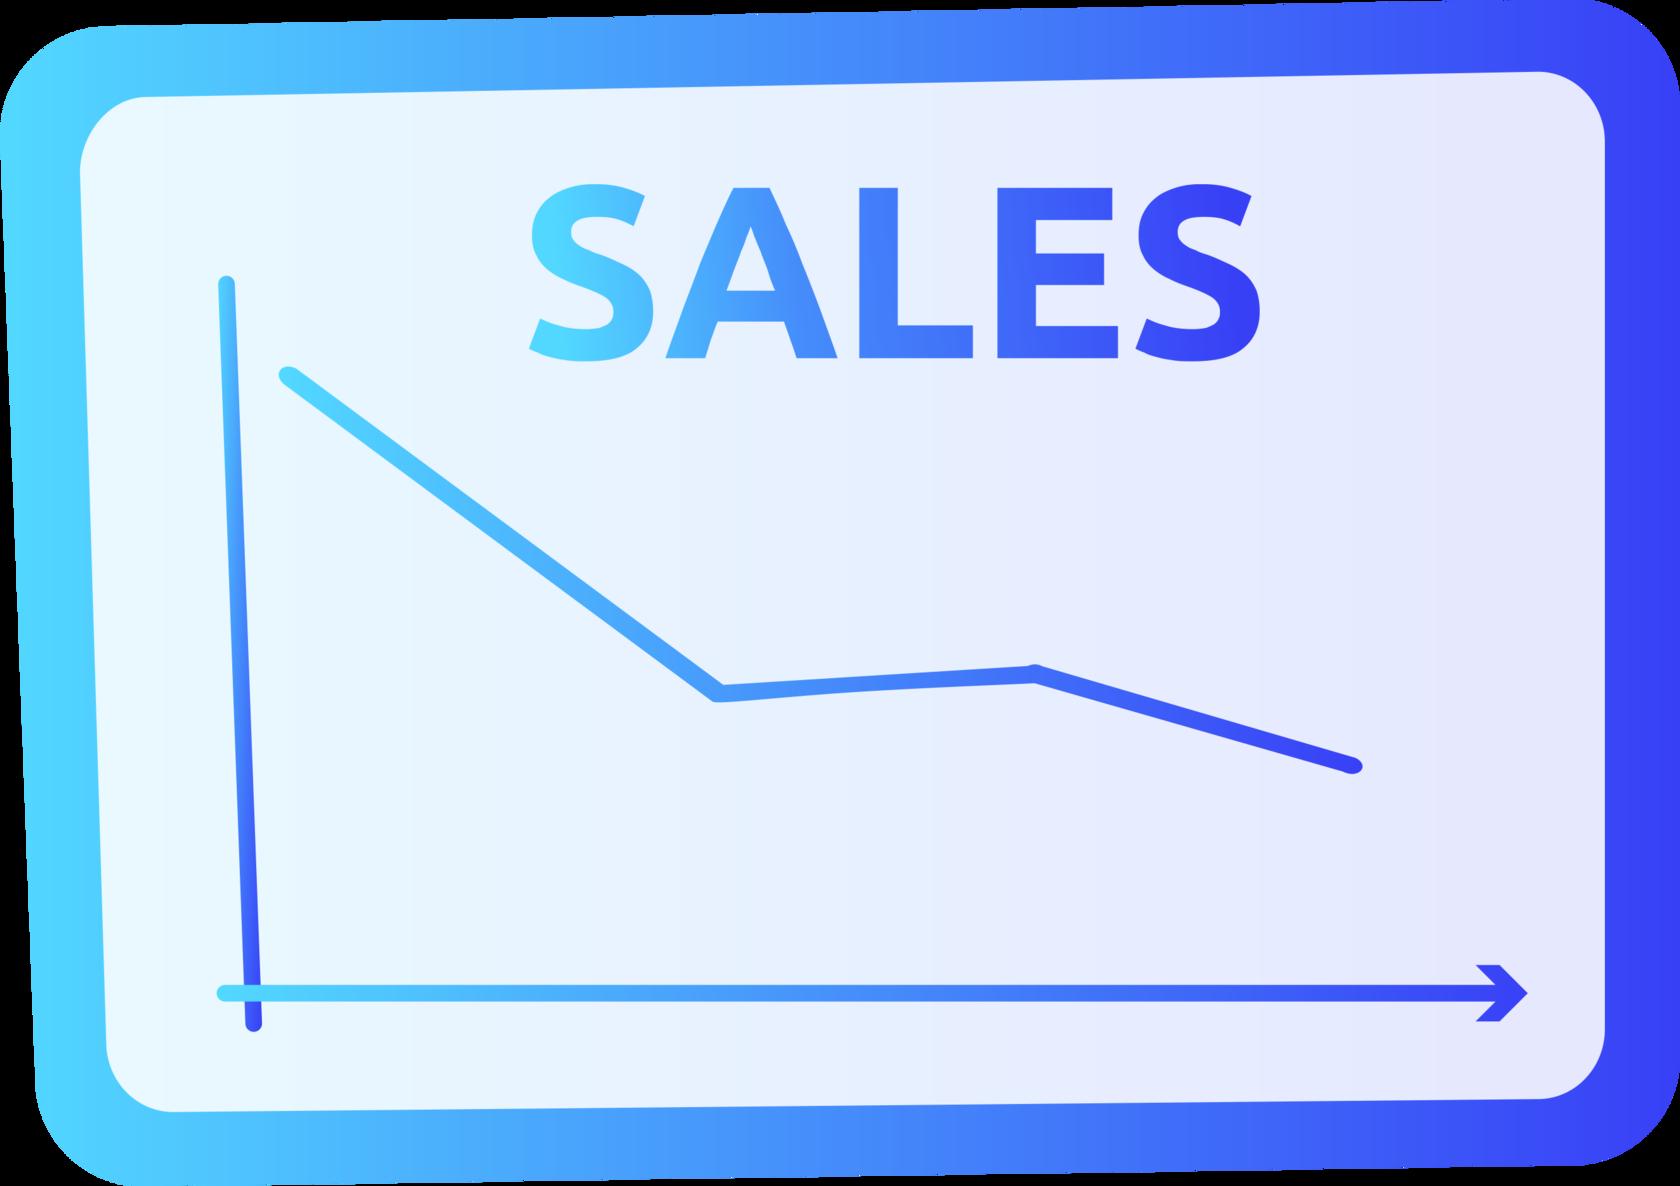 Наша чатбот система, построеная на чатботе WhatsApp и Facebook Messenger, поможет вашему бизнесу увеличить продажи!